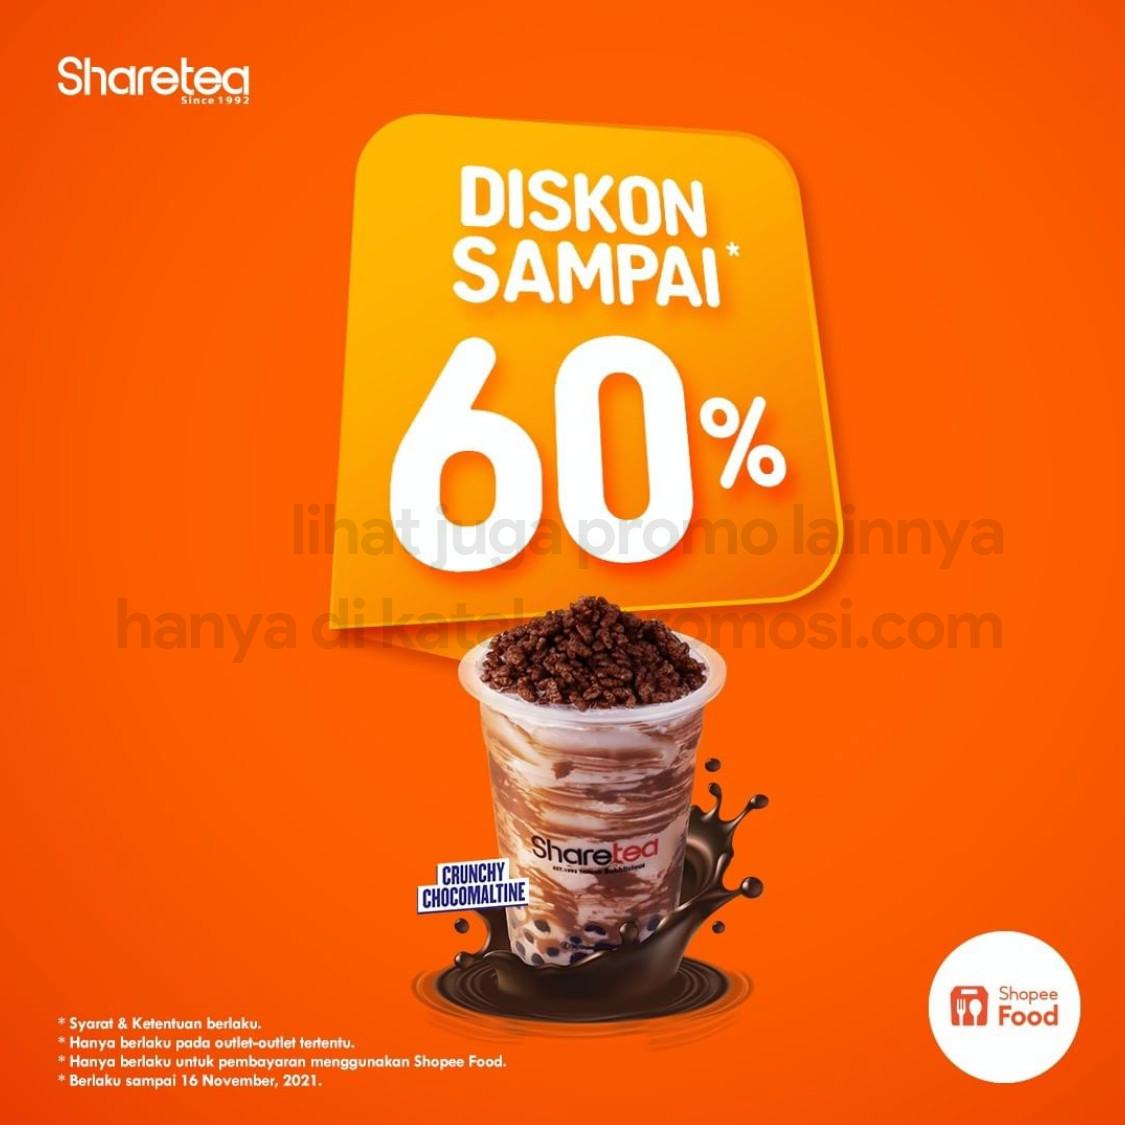 SHARETEA Promo DISKON 60% khusus pemesanan via SHOPEEFOOD